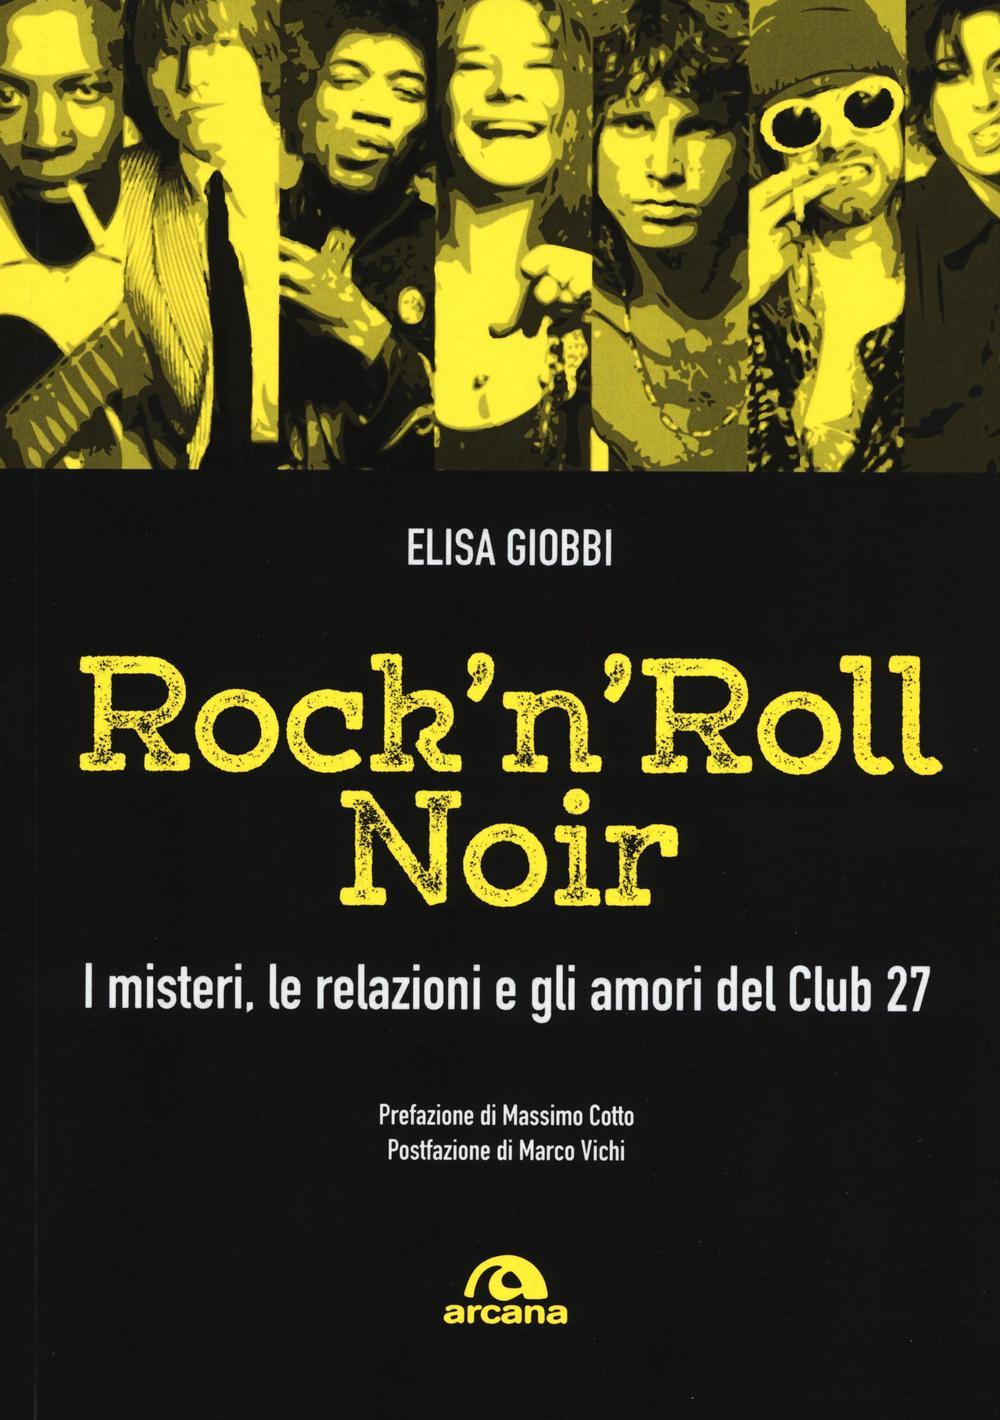 Rock & roll noir. I misteri, le relazioni, gli amori del Club 27